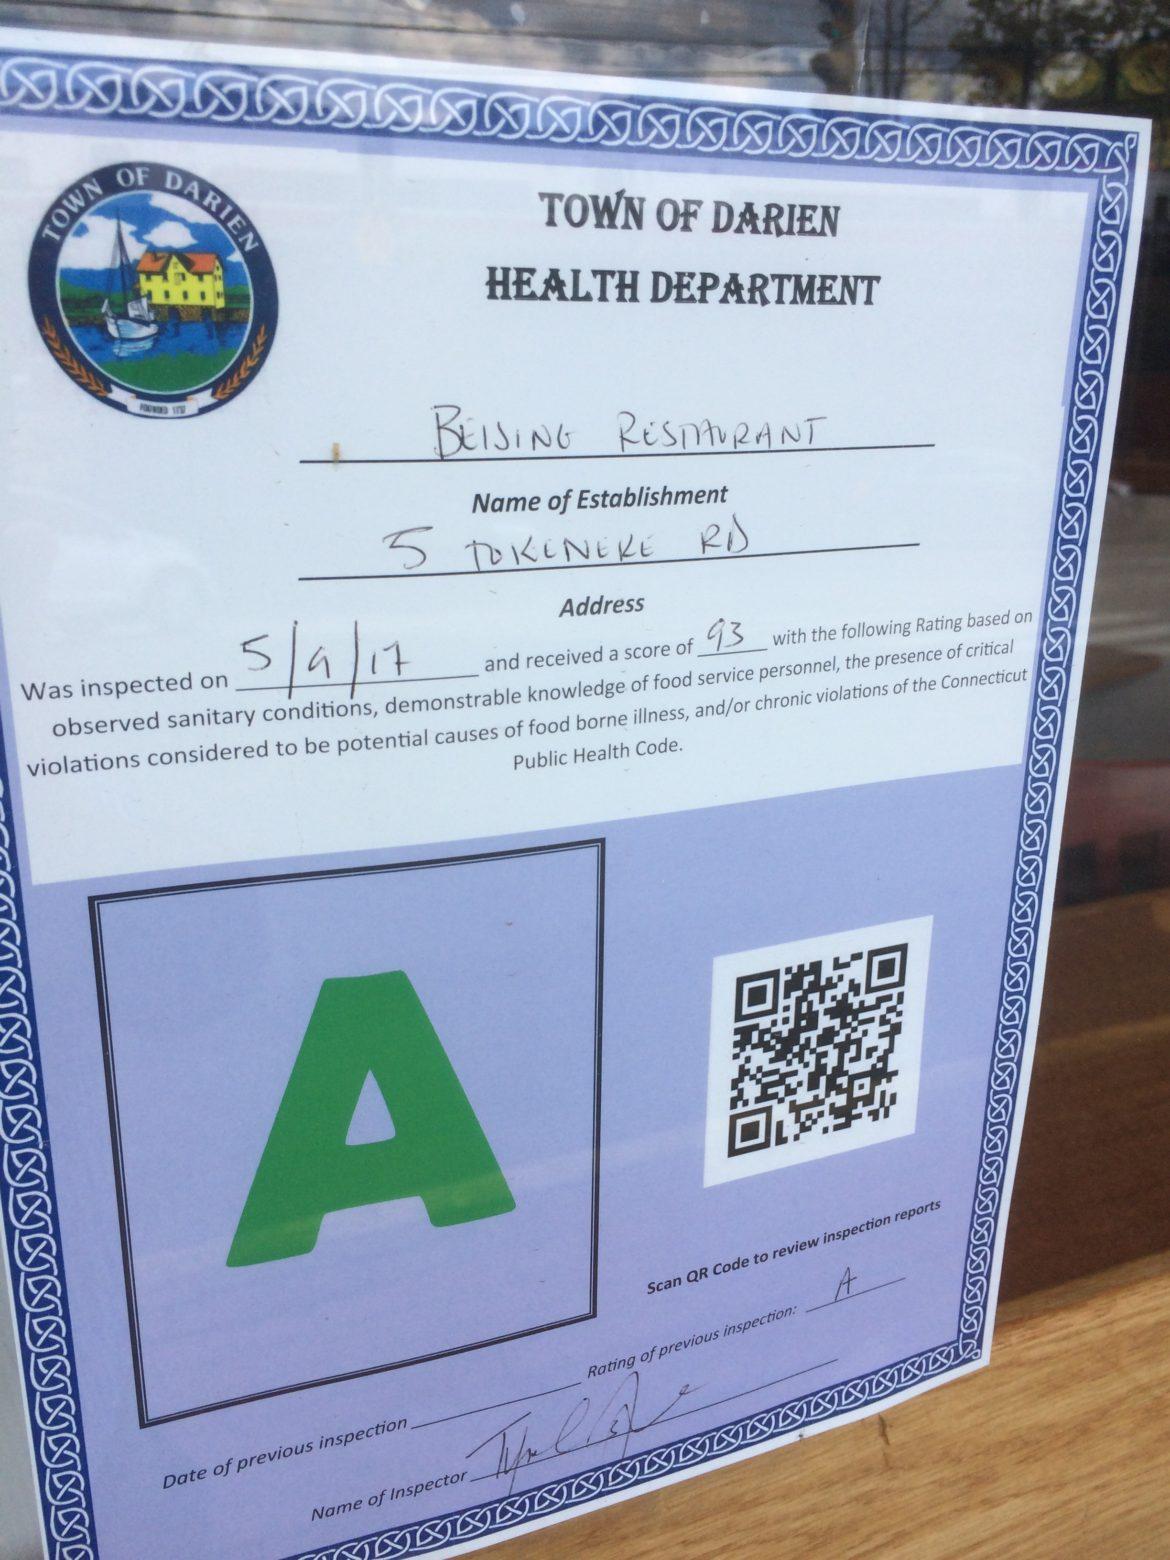 Darien Health Department Inspection Ratings